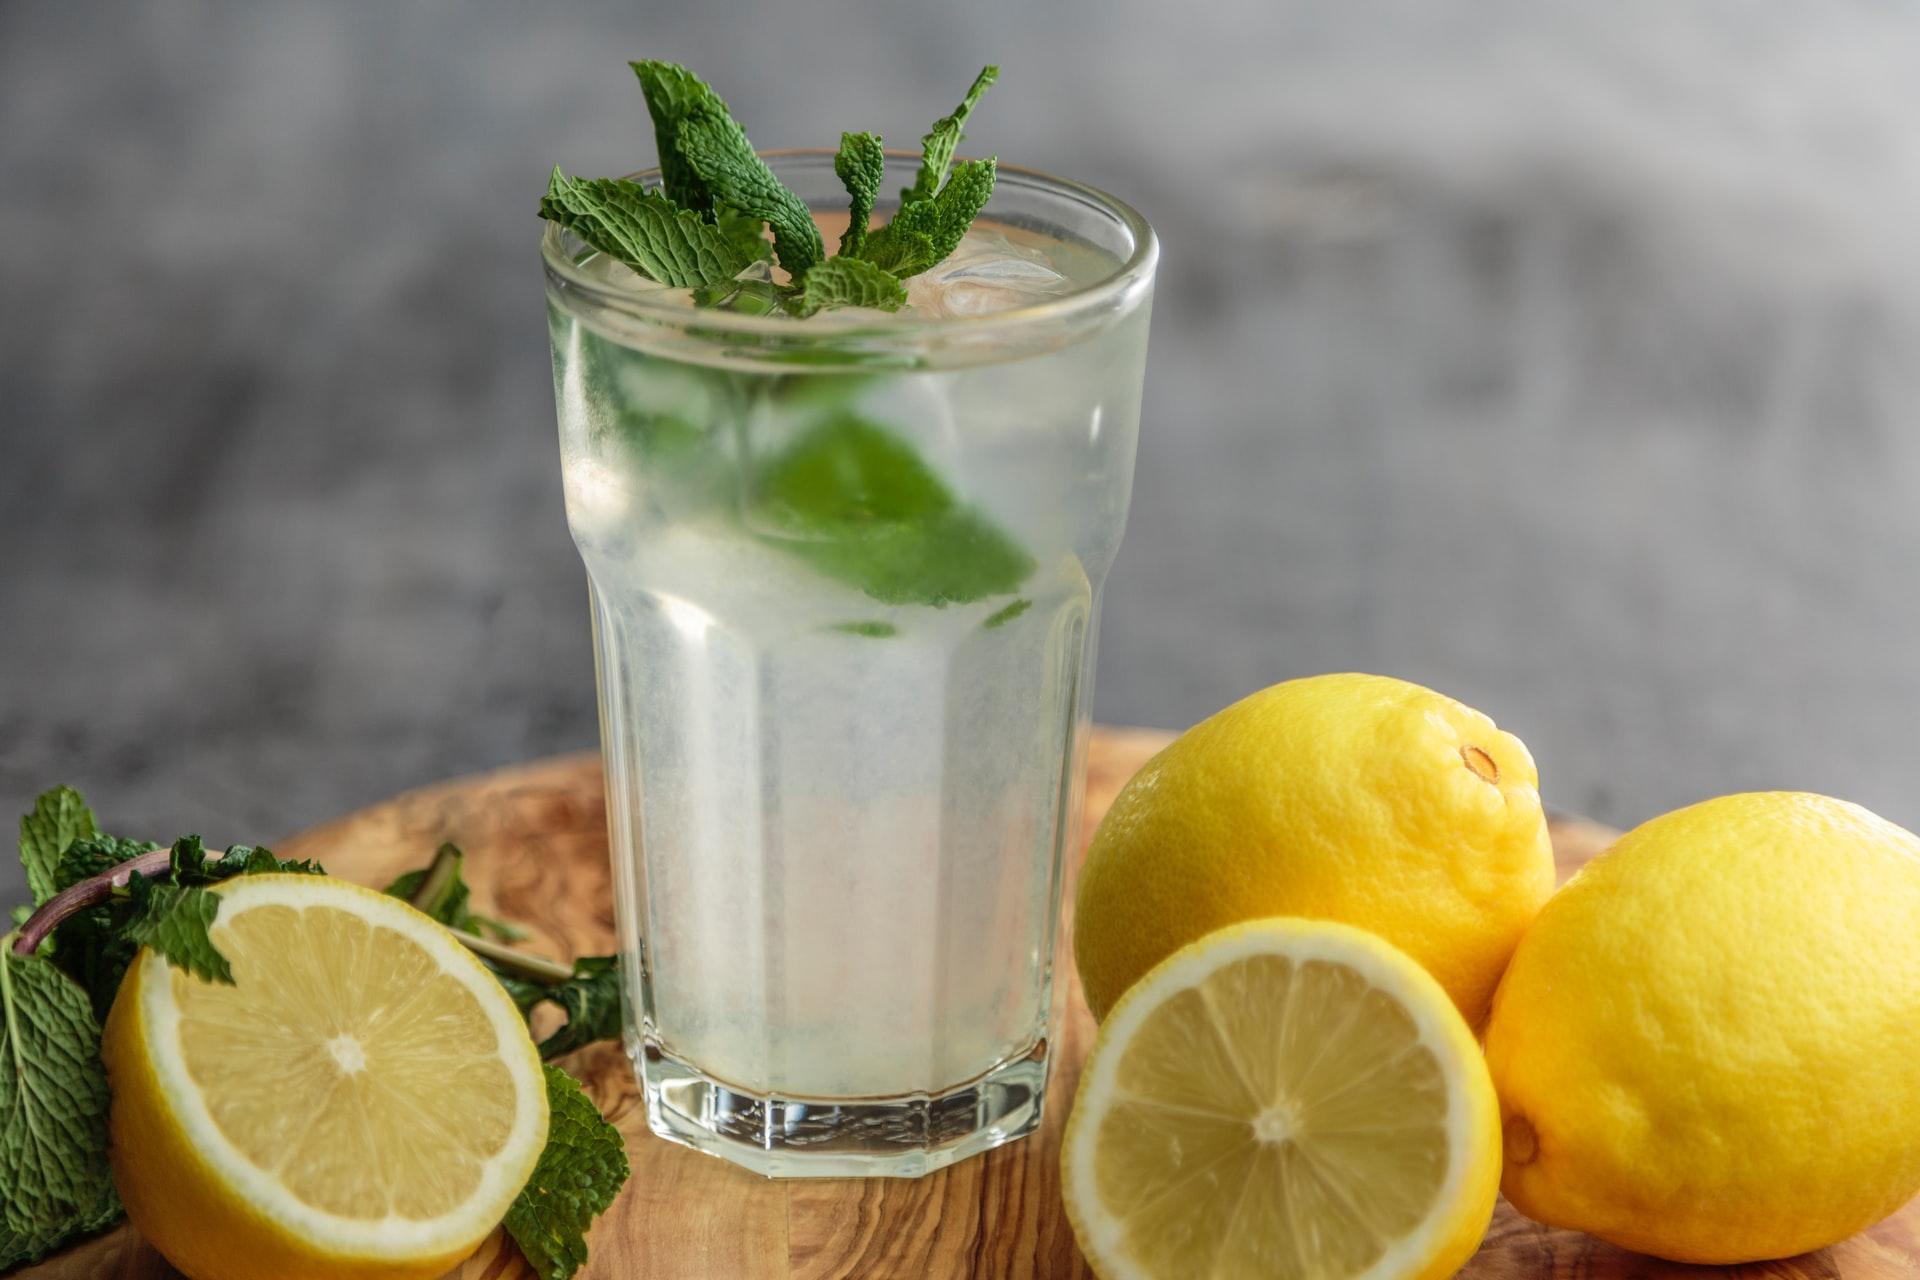 Uống nhiều nước là cách giảm cân tại nhà không cần tập thể dục đơn giản